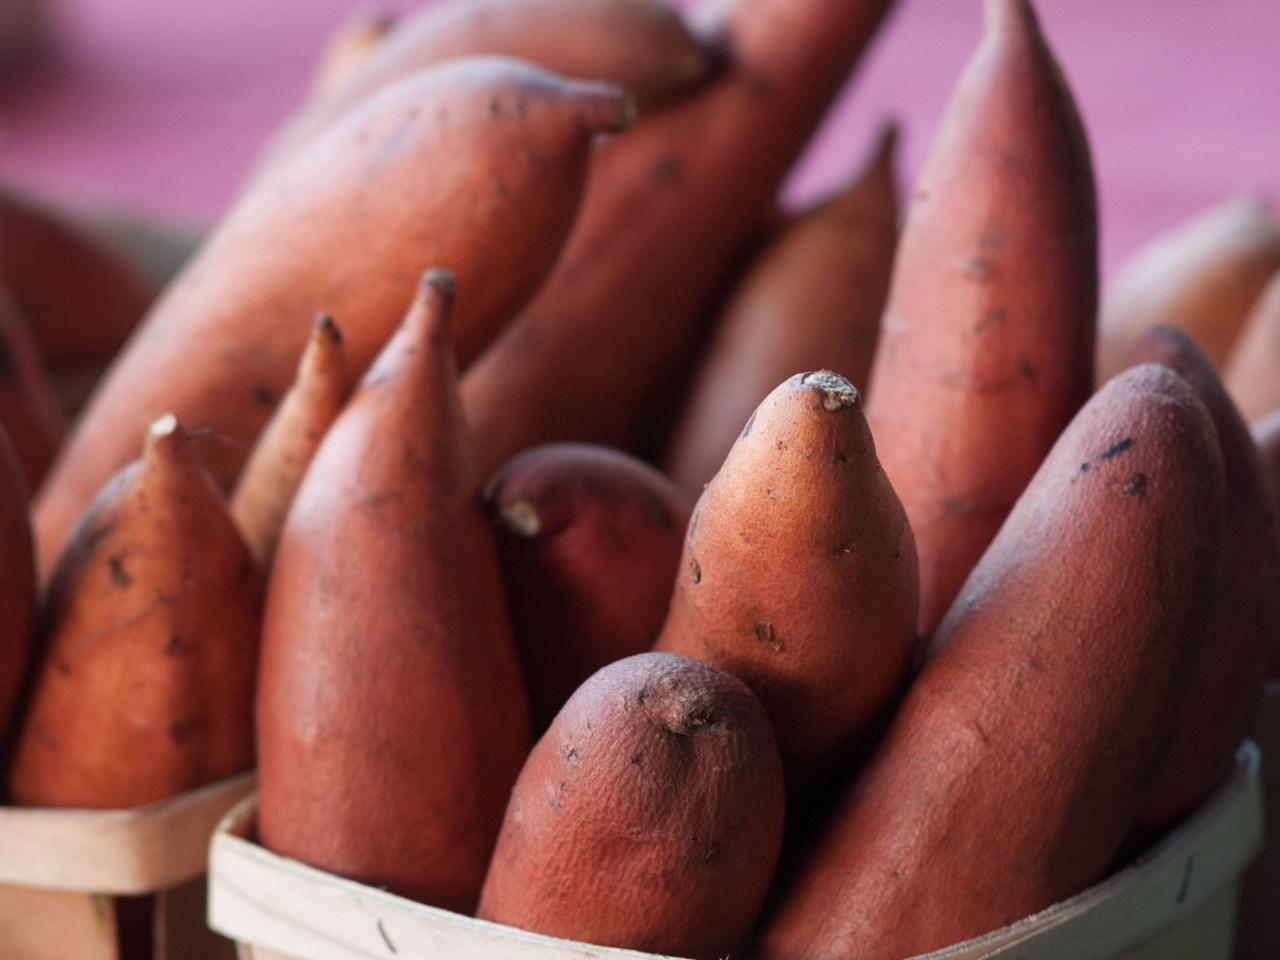 farmers market_1496396955620.jpg